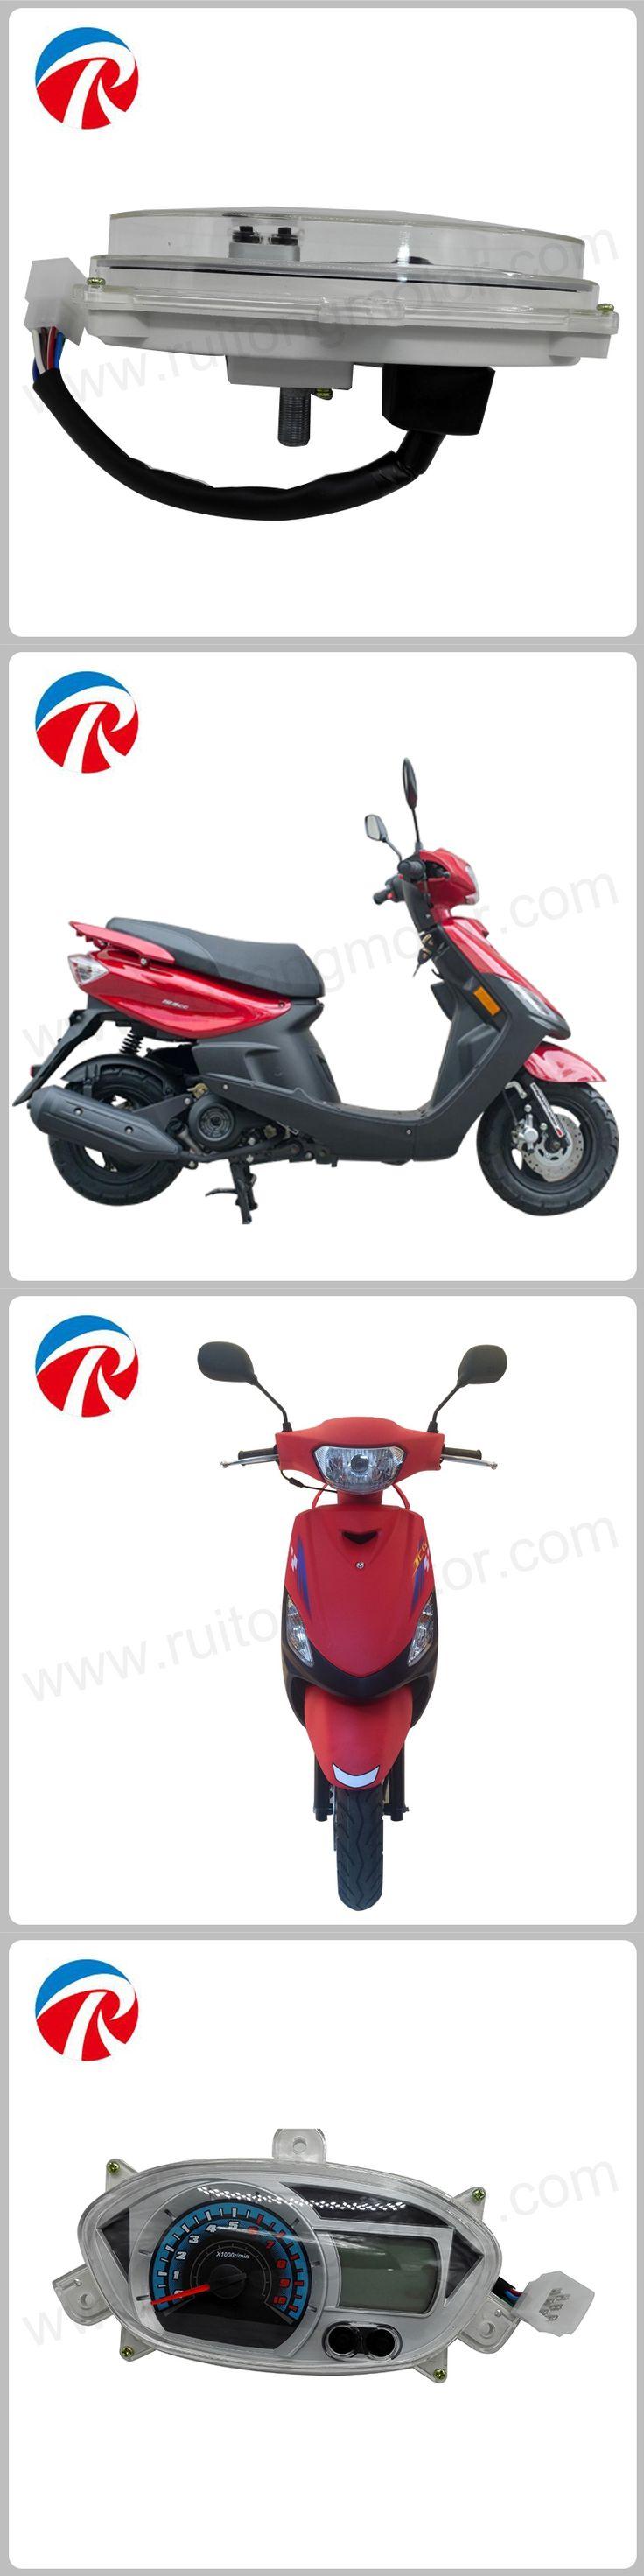 JOG 100cc Motorcycle LED Odometer Speed Meter Gauge